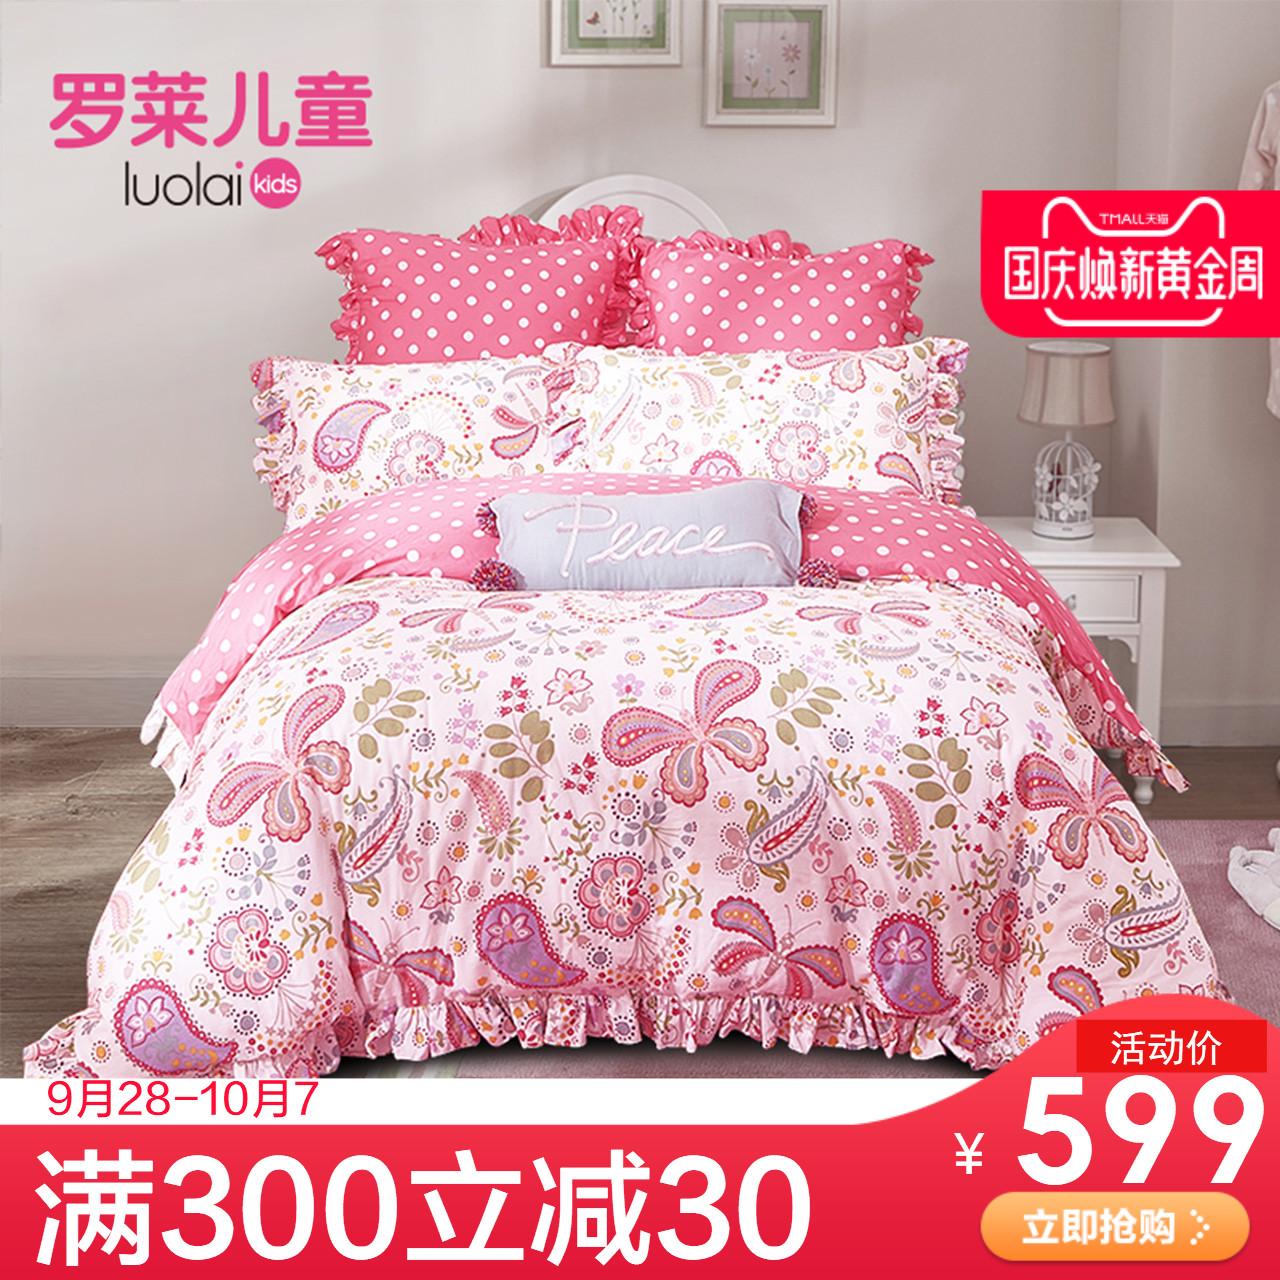 罗莱家纺儿童床上用品女孩全棉四件套全棉床单被套波西米亚1.2M床